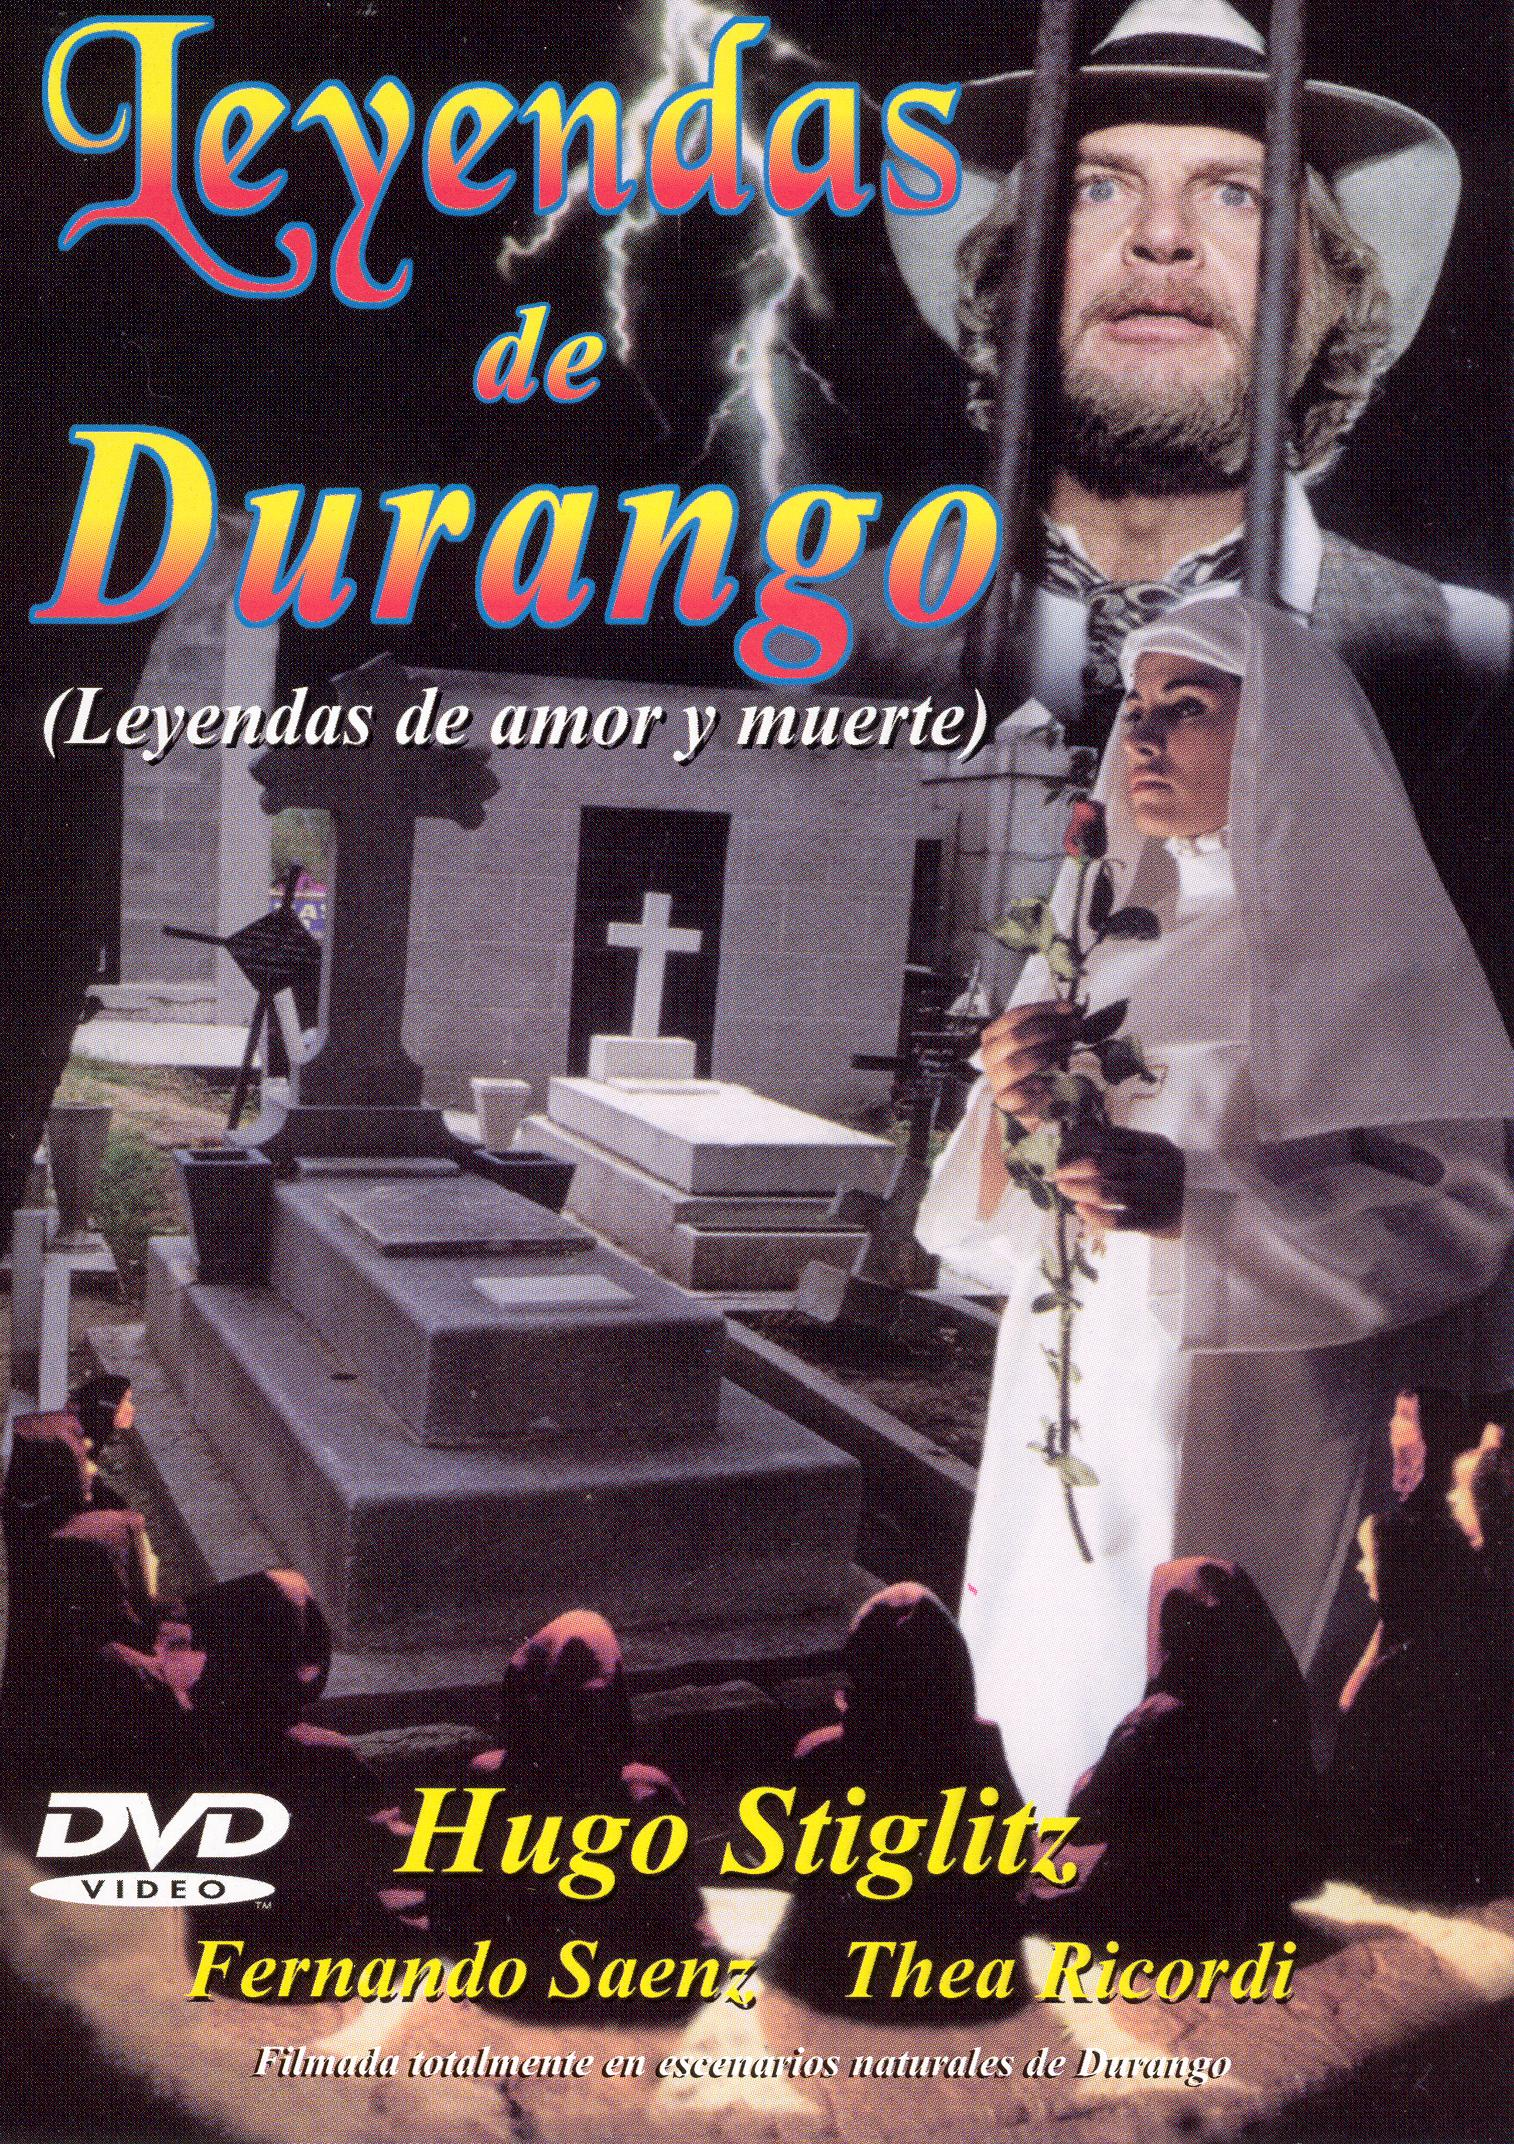 Leyendas de Durango